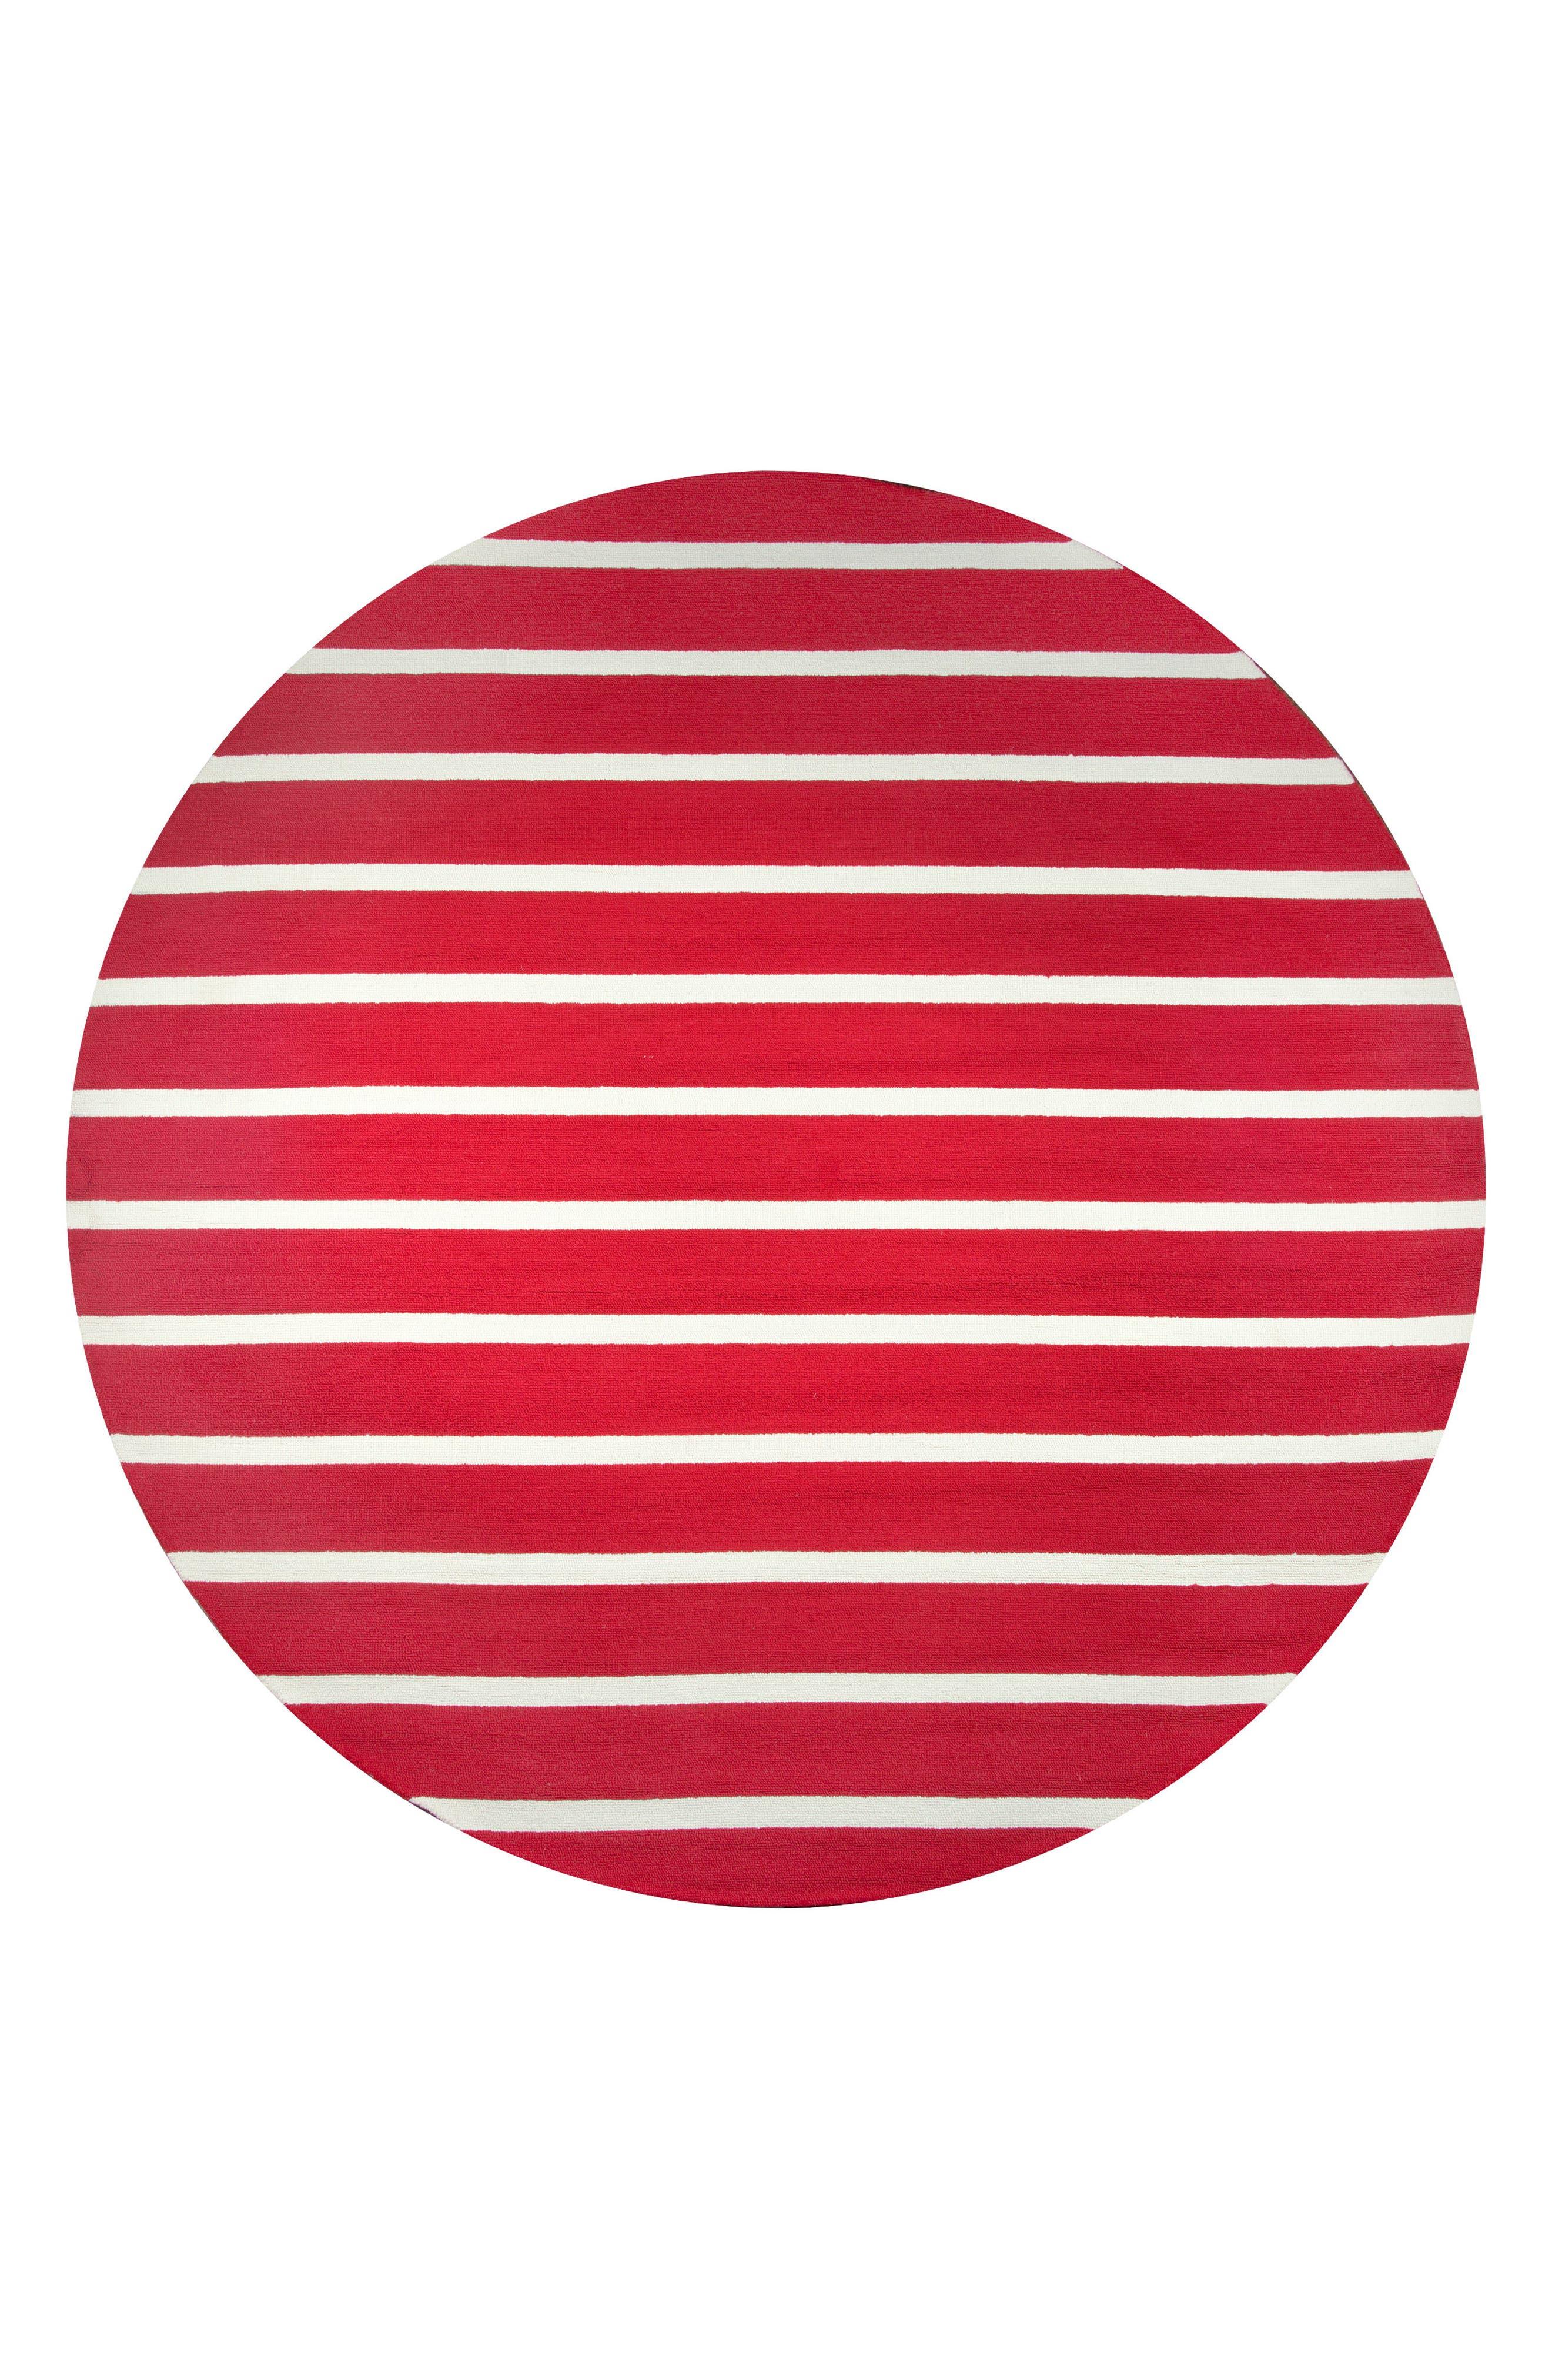 Azzura Hill Dresa Rug,                             Alternate thumbnail 2, color,                             Red